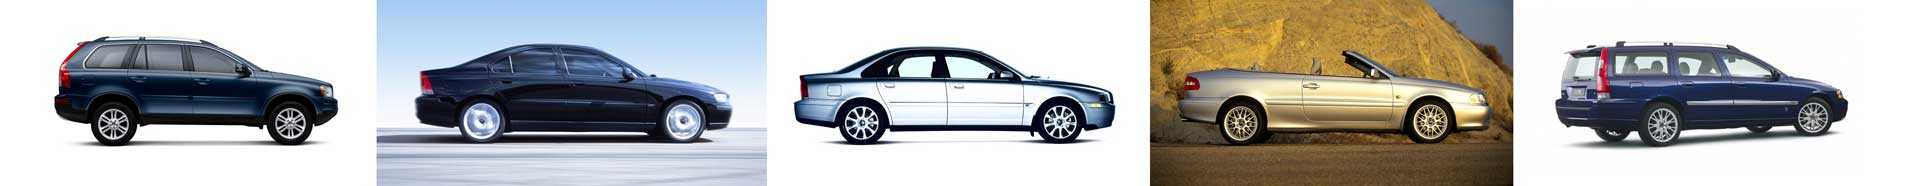 P2 Family exteriors - XC90, S60, S80, C70, XC70